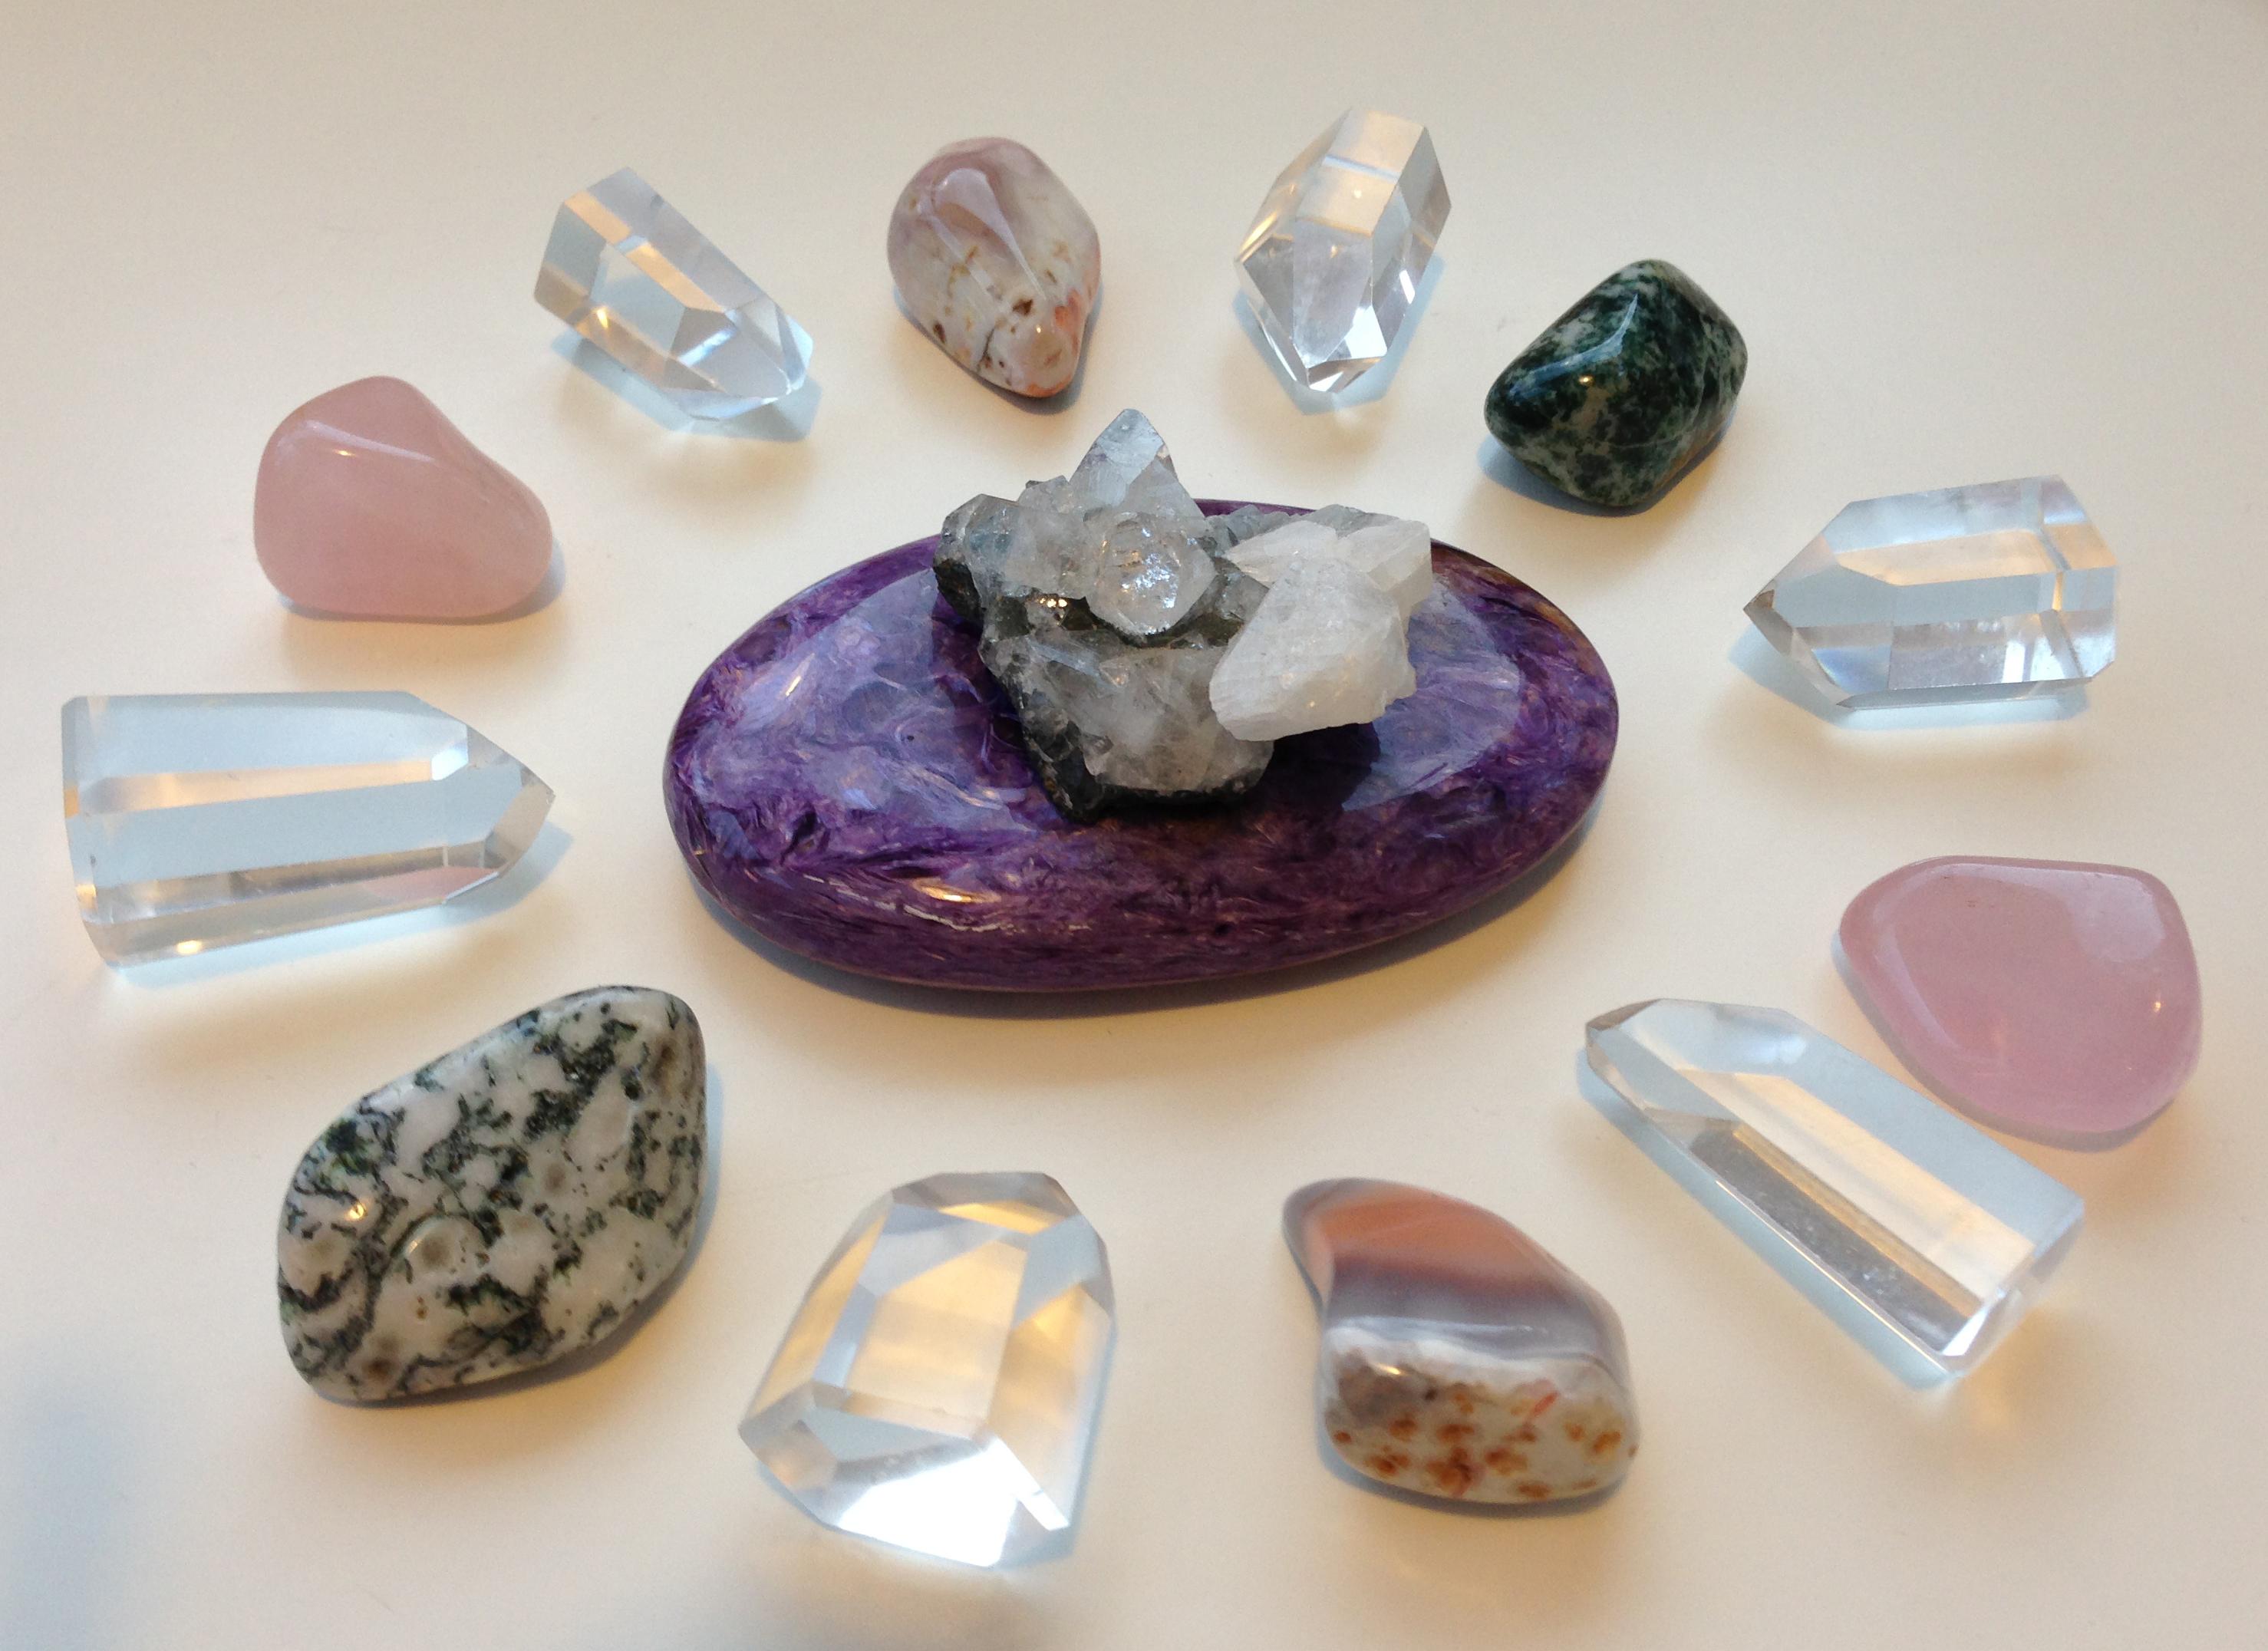 Природный камень: описание, добыча, разновидности (фото)